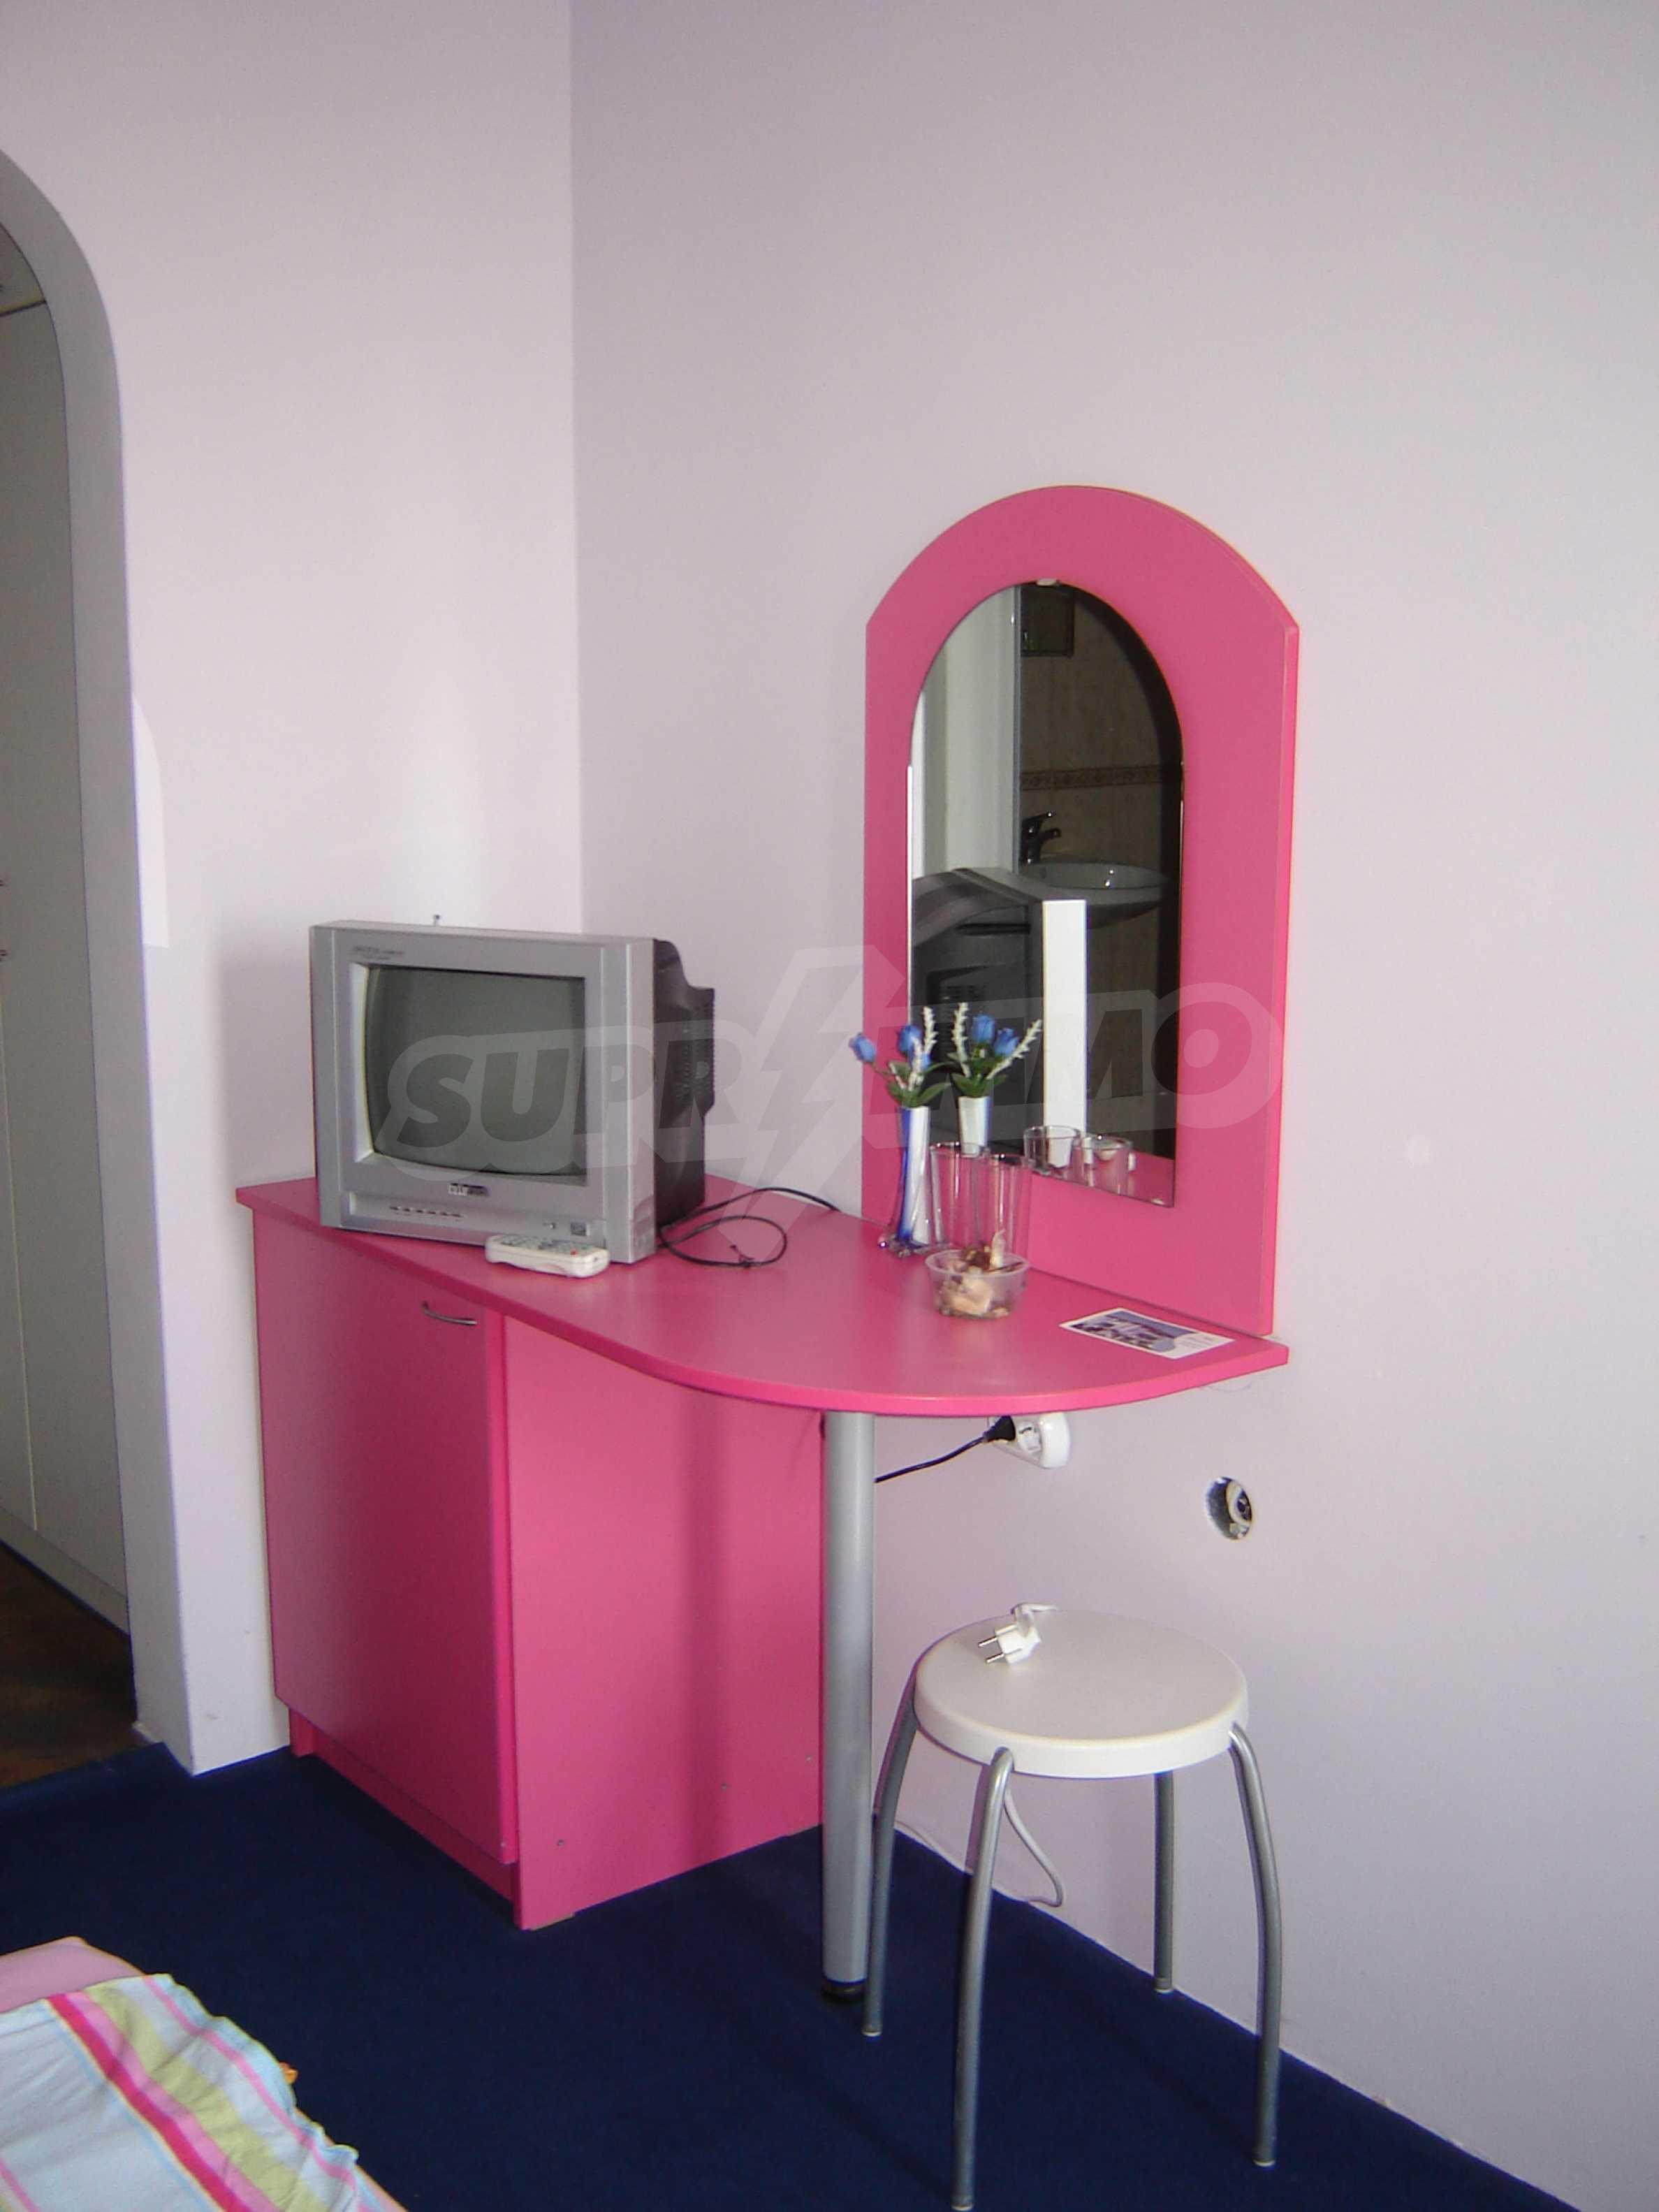 House of family hotel type for sale in Primorsko 23